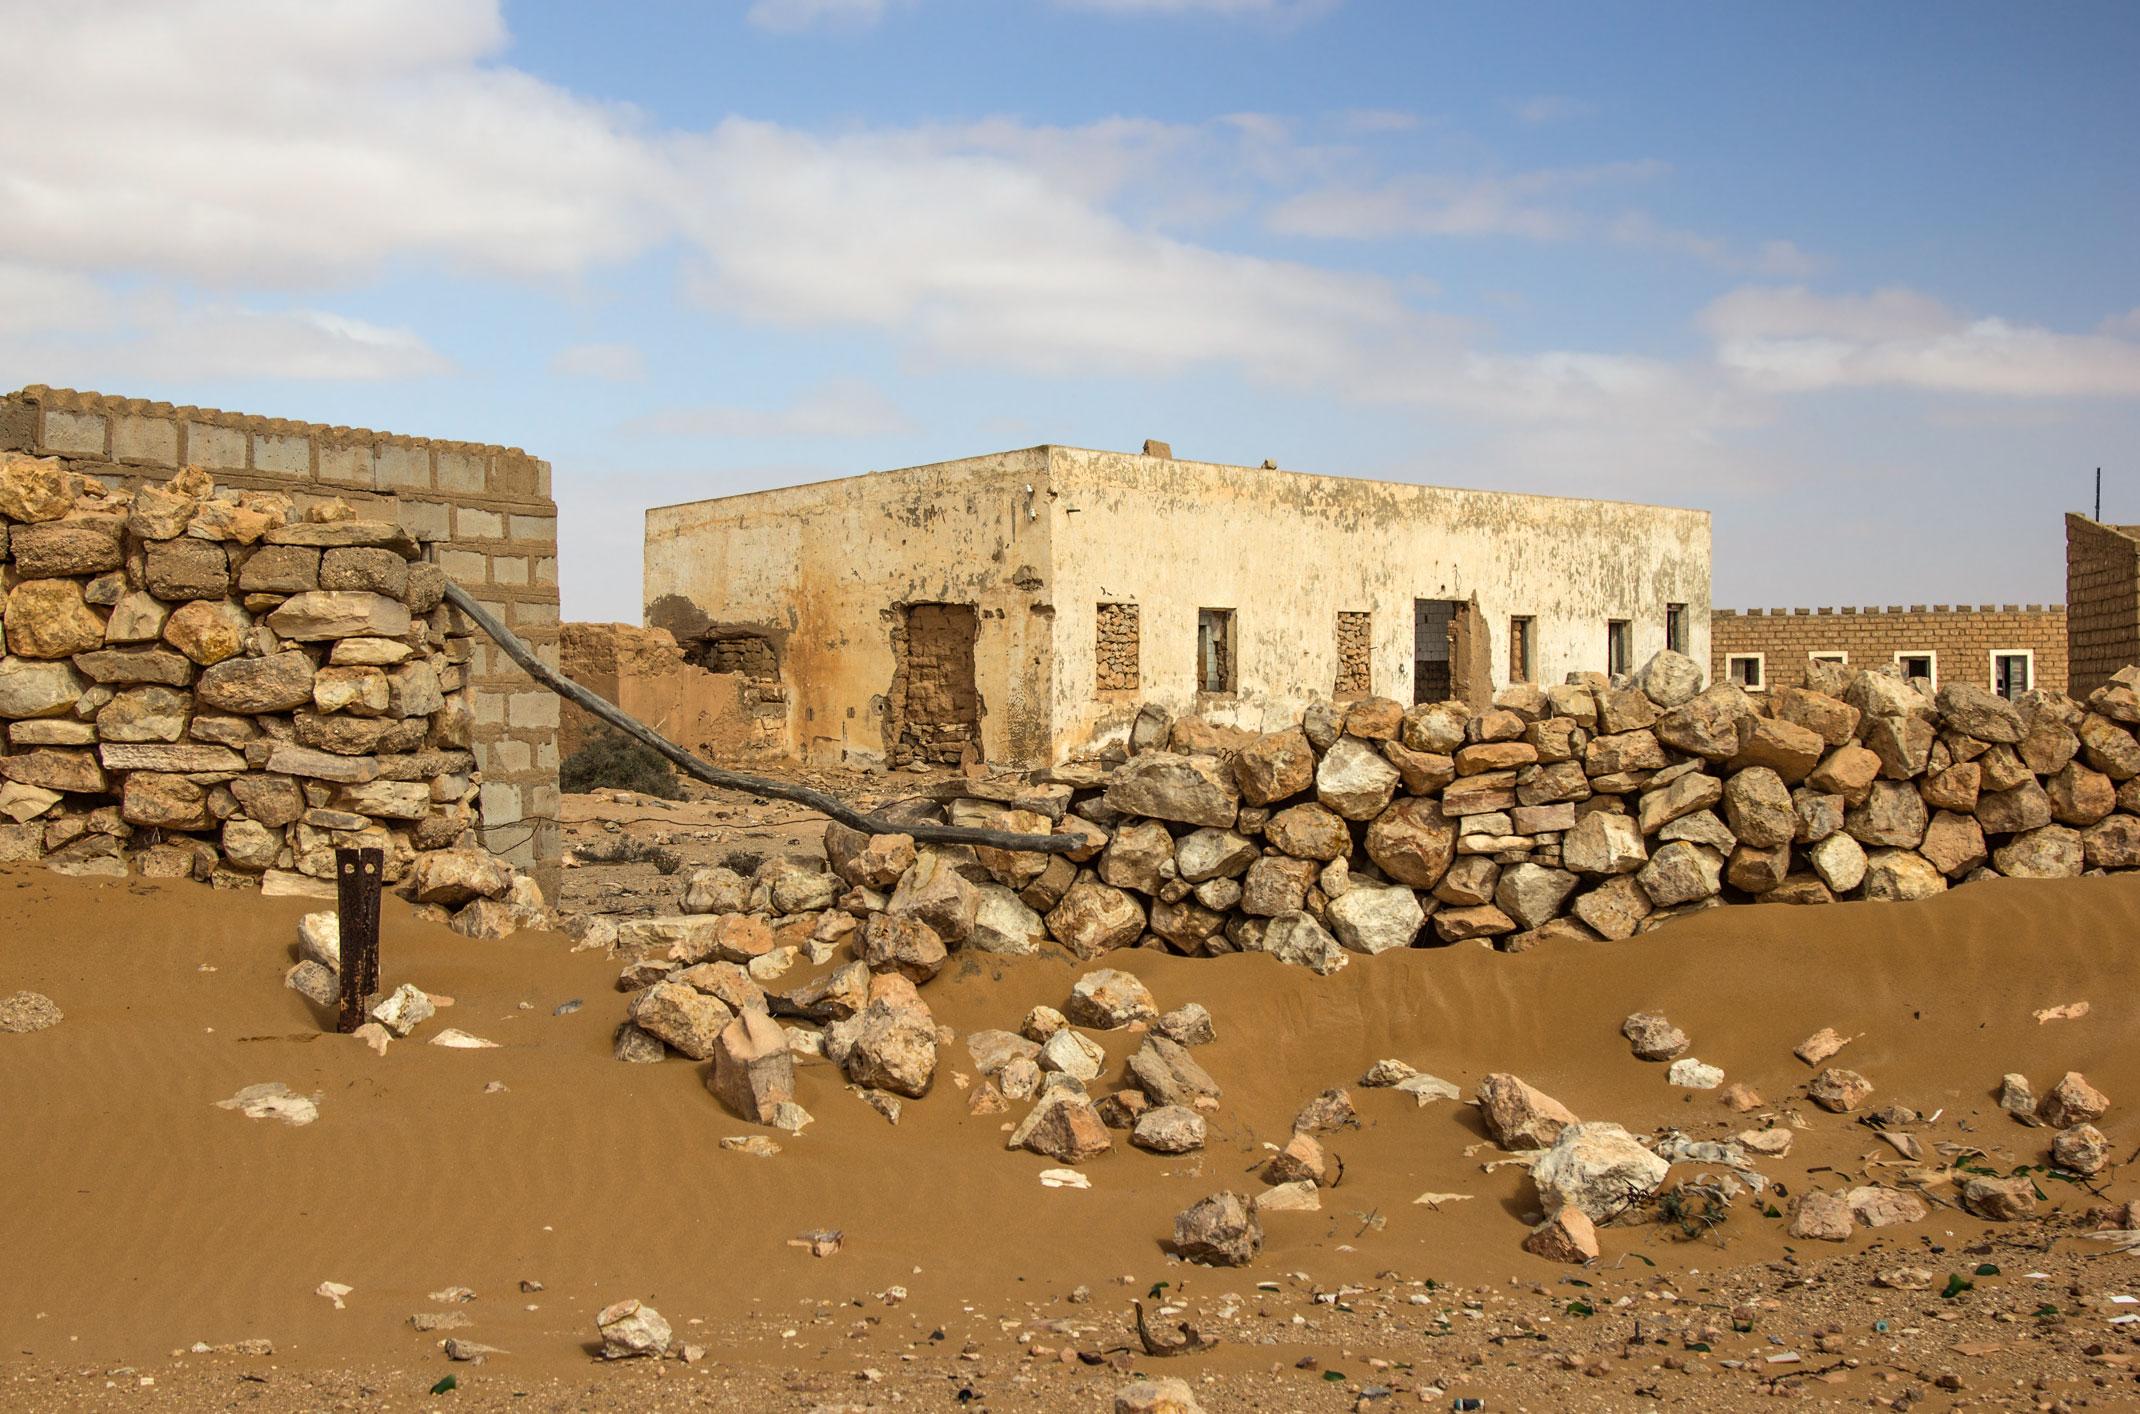 El-Hagunia